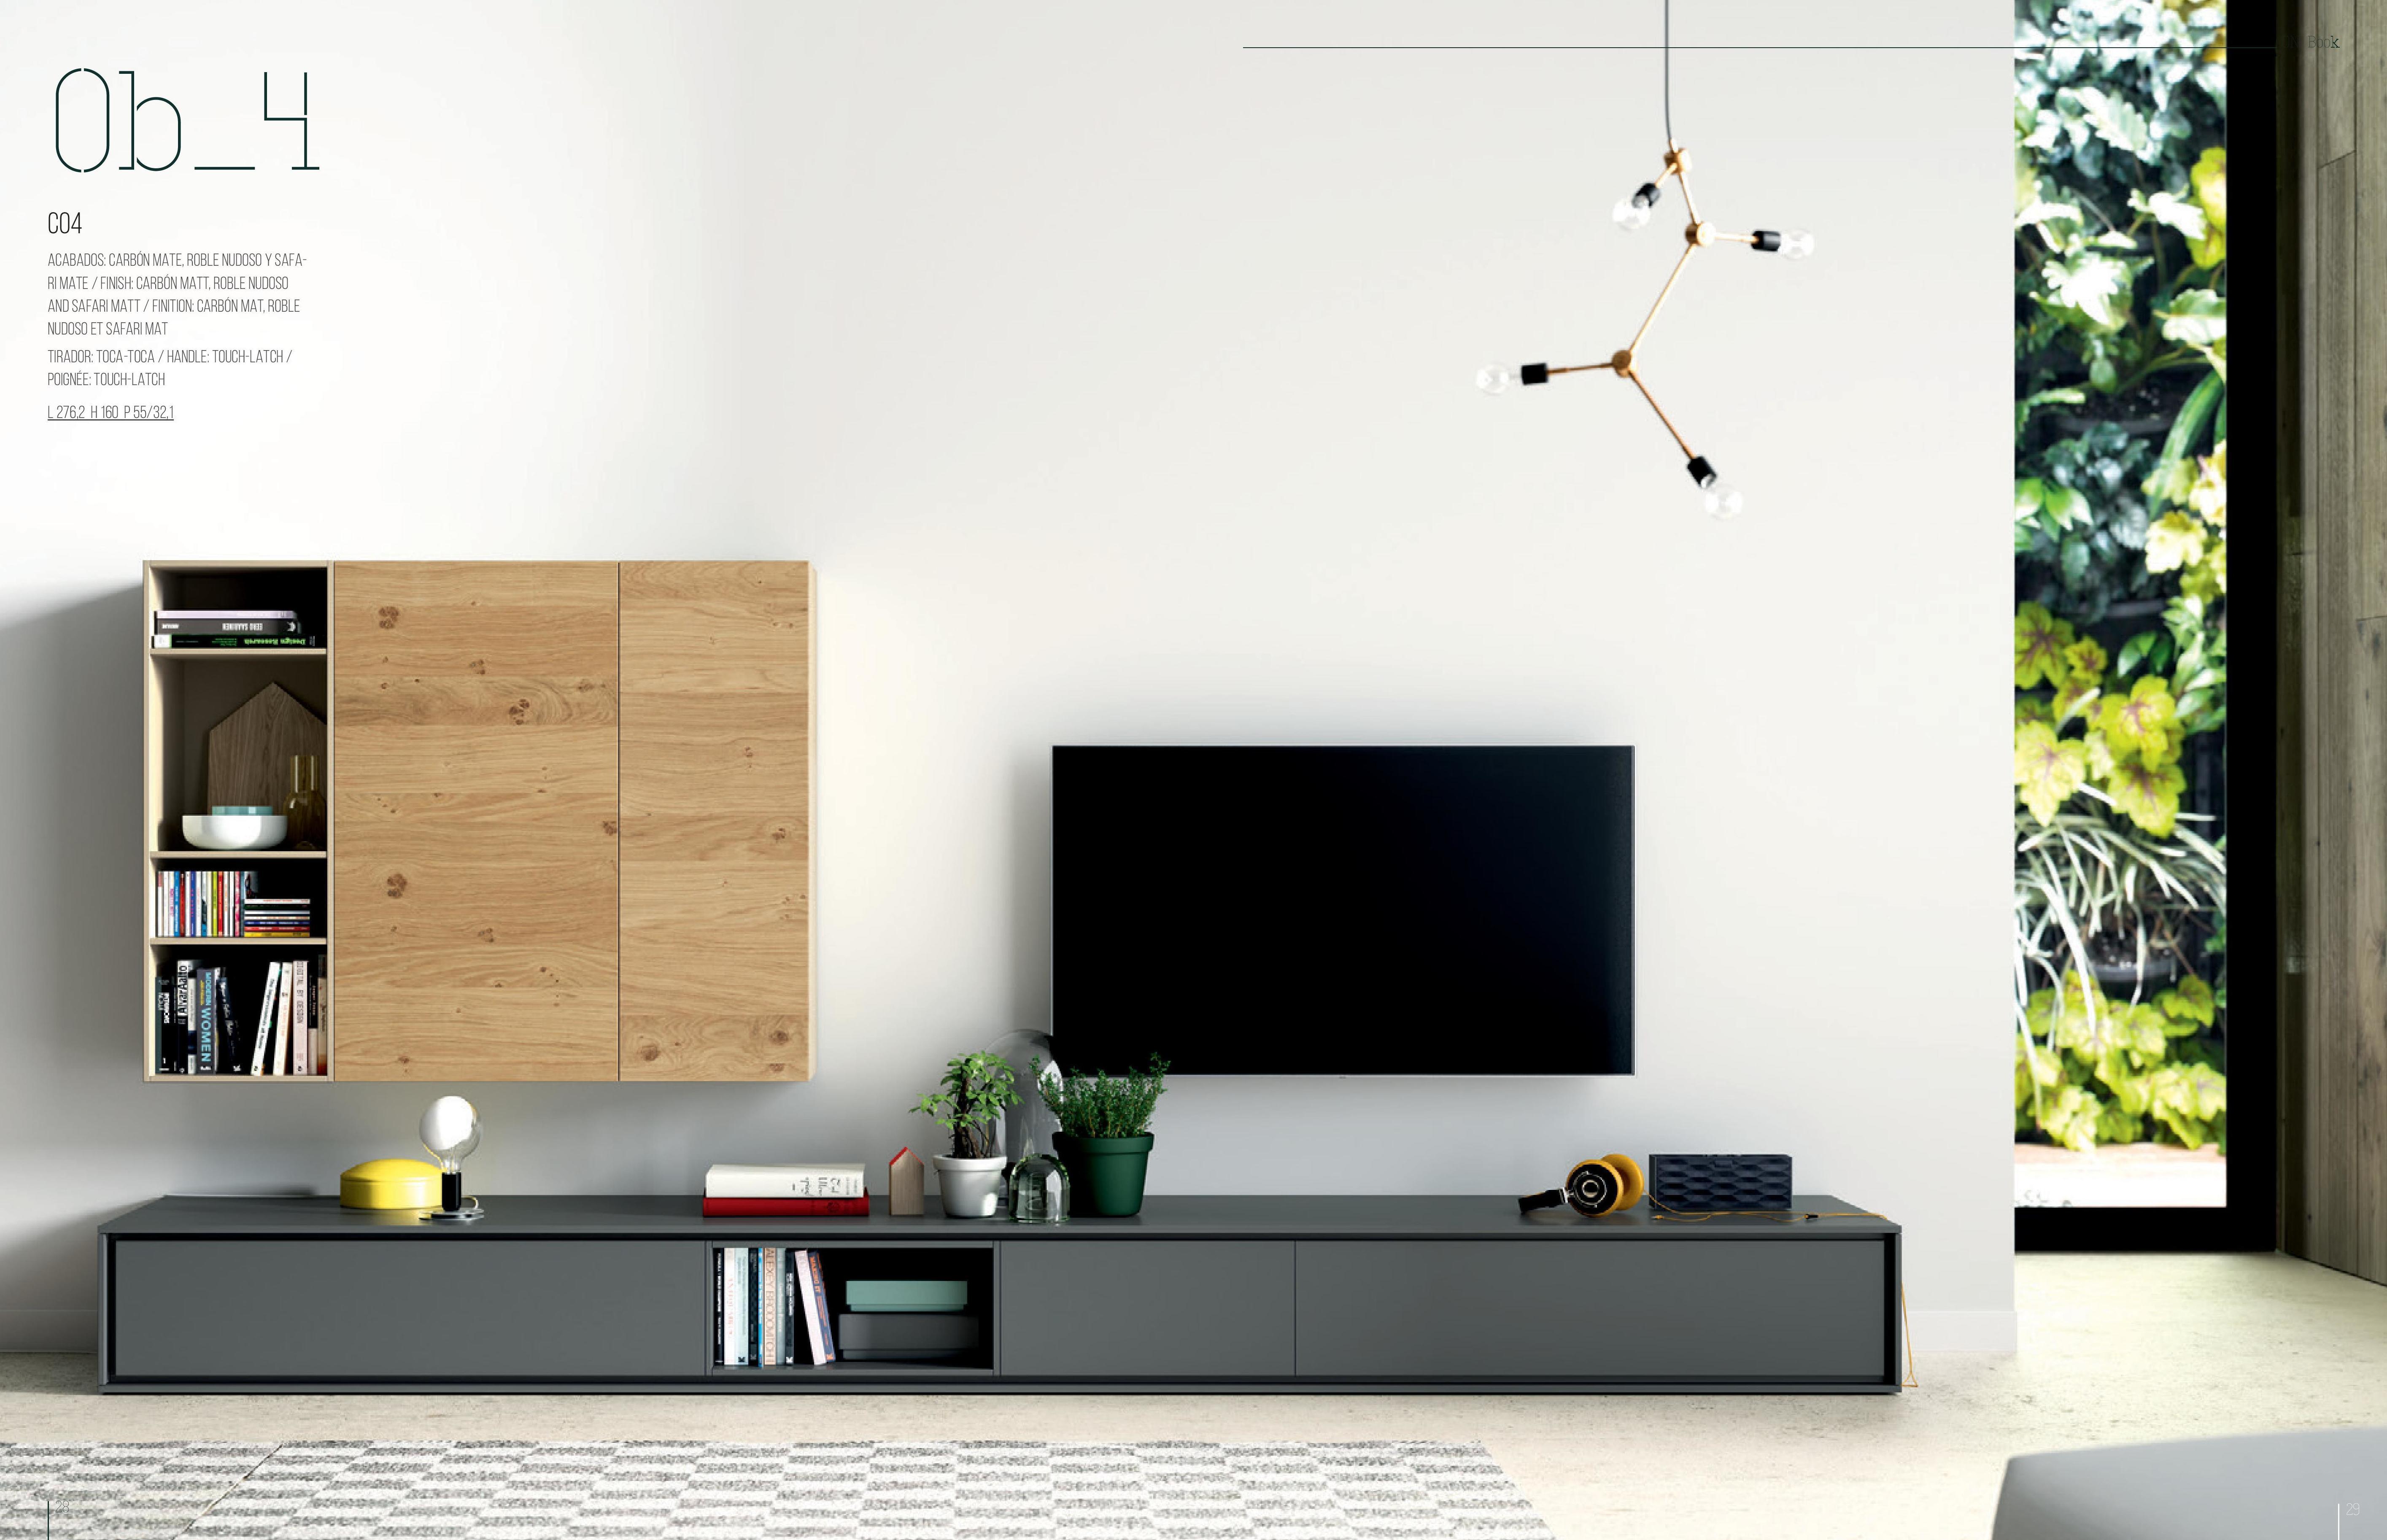 Mueble 1: Nuestros muebles de Muebles Aguado